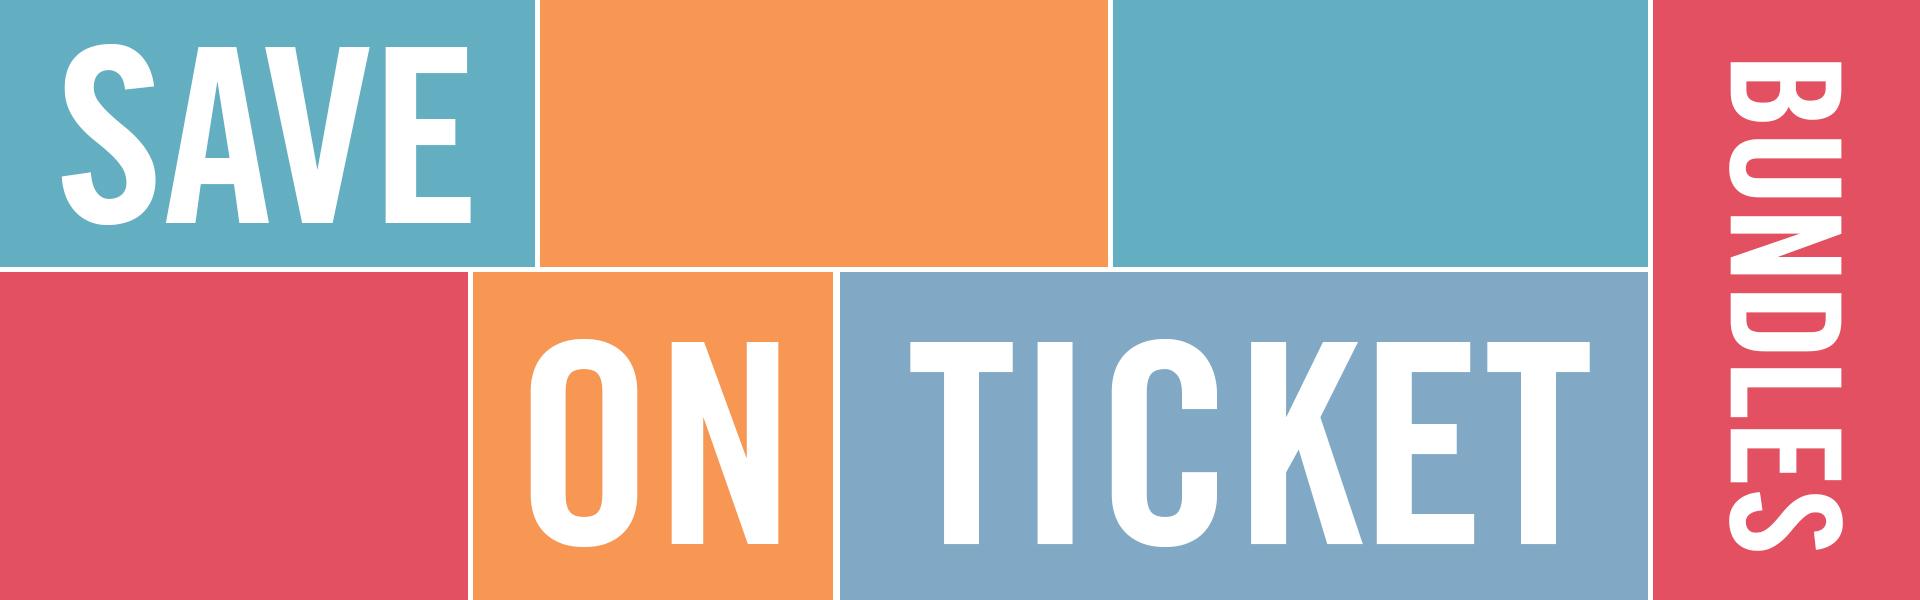 WEB BANNER_Save On Ticket Bundles_1920x600_V1.jpg